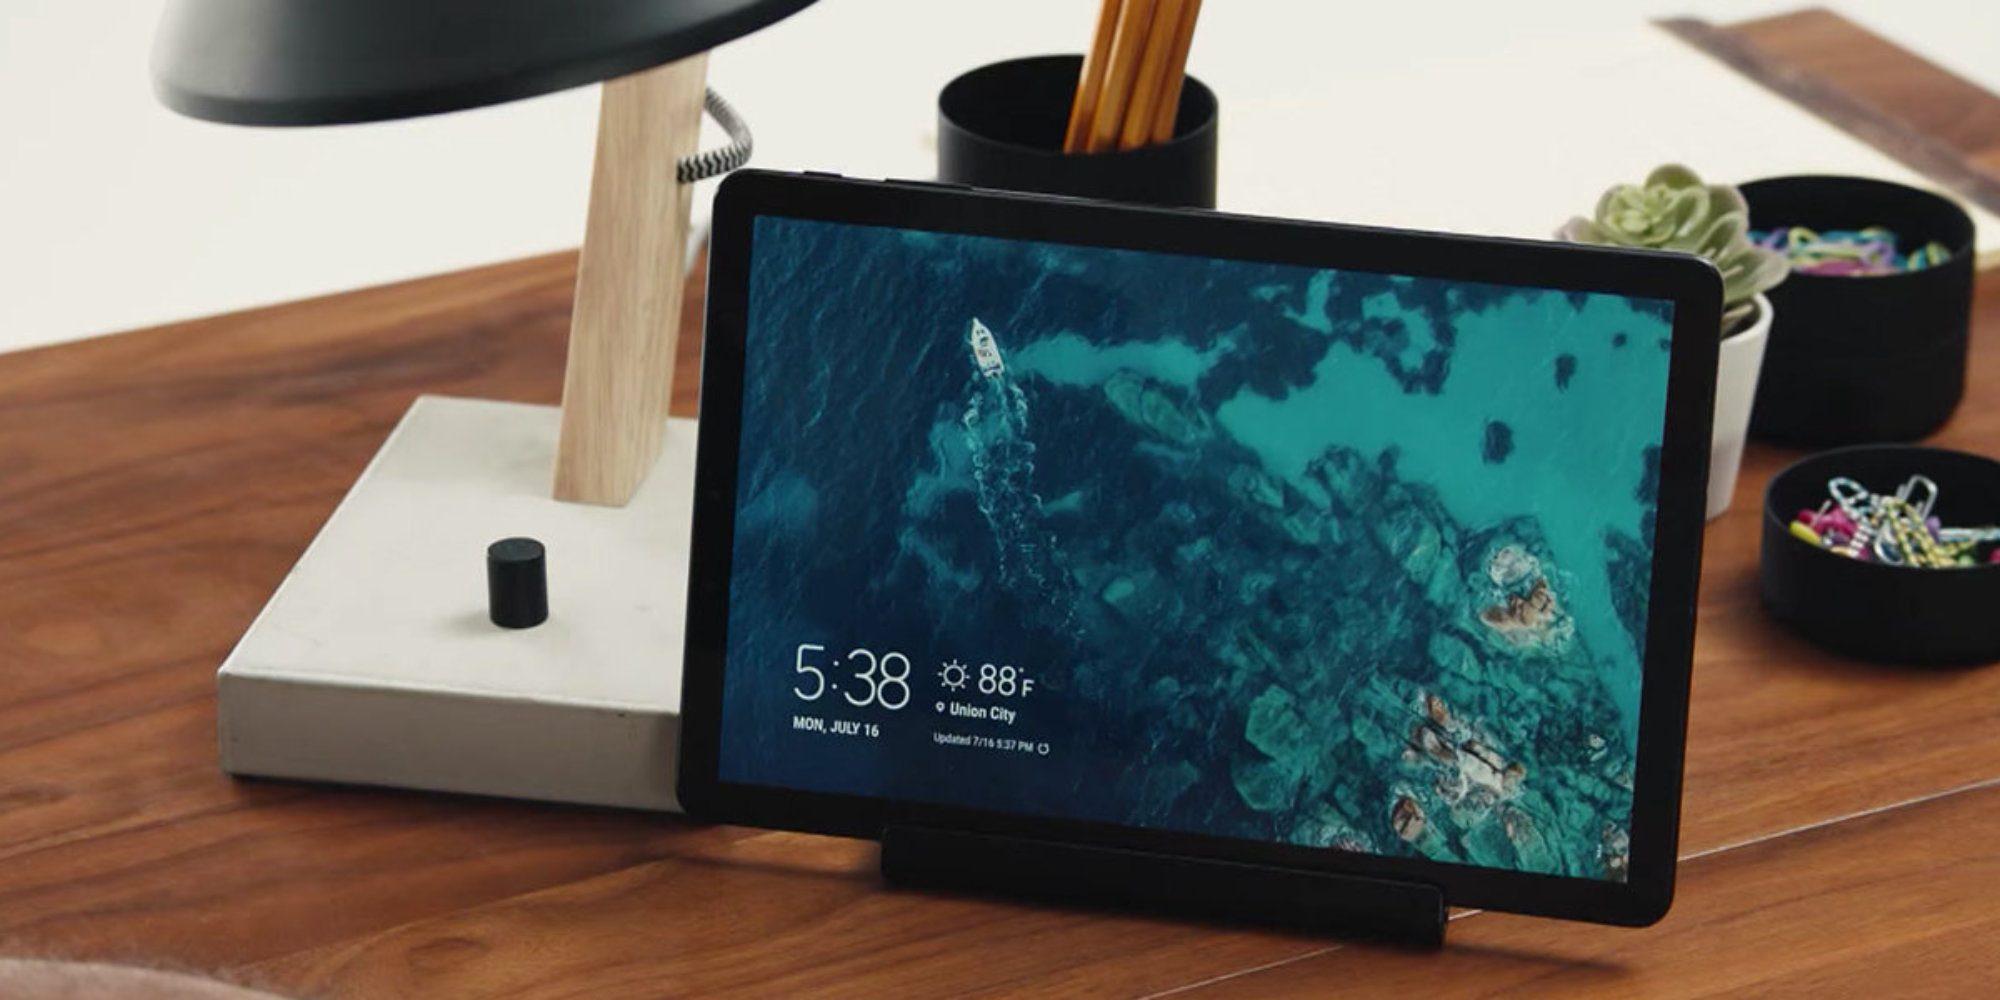 Samsung Galaxy Tab S4 empfängt Android Pie, Galaxy S7 sieht unwahrscheinlich aus